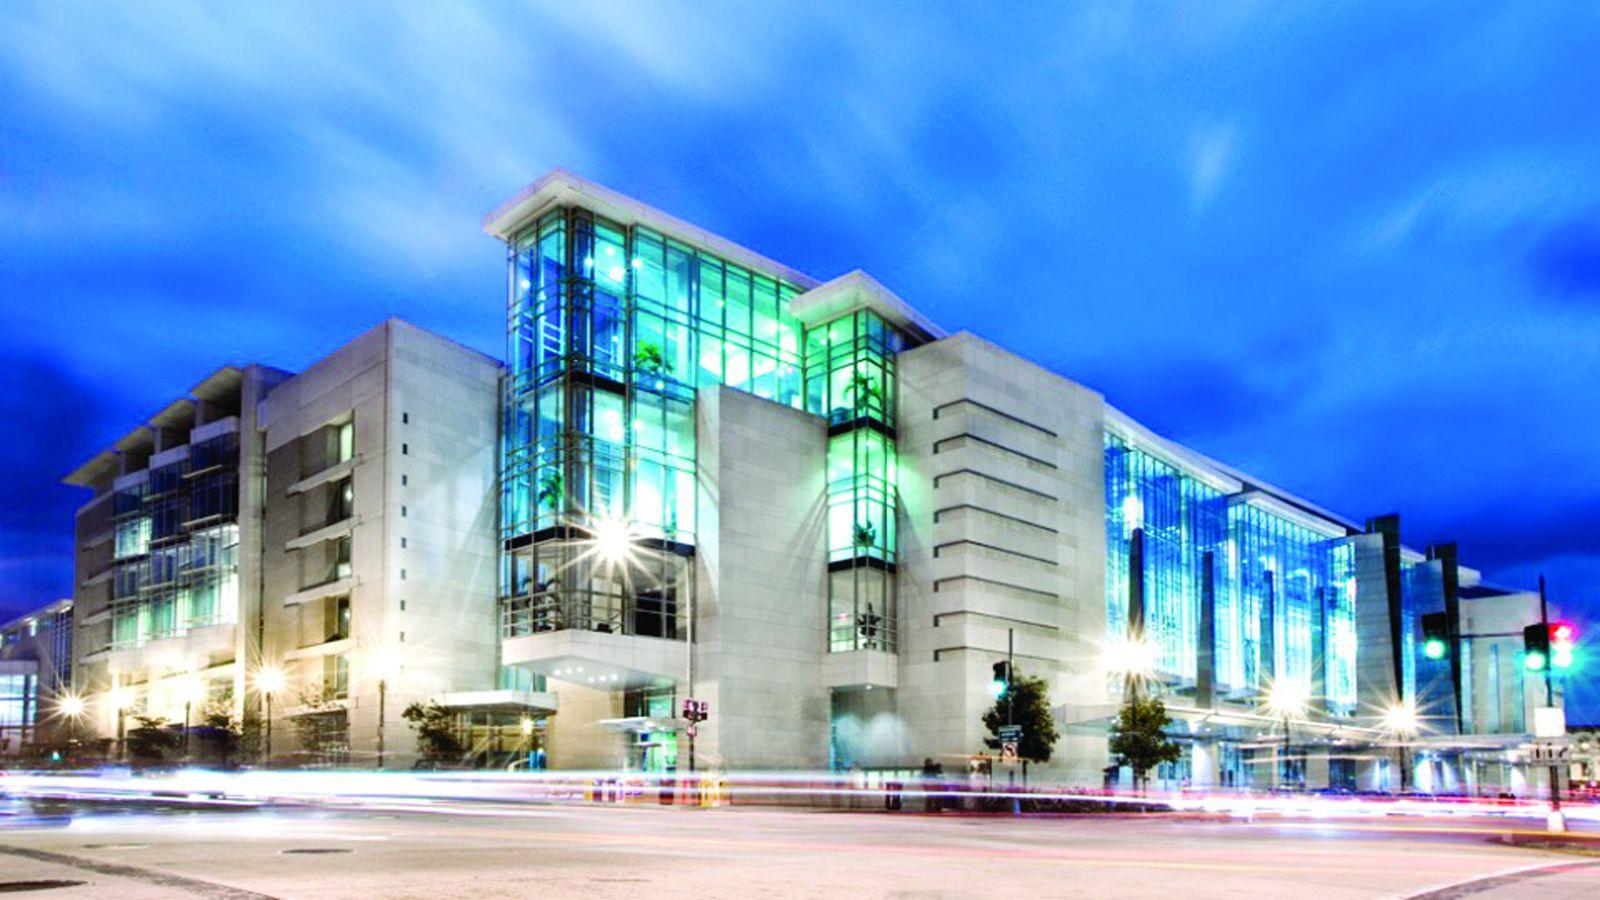 Dallas convention center celebrity theater